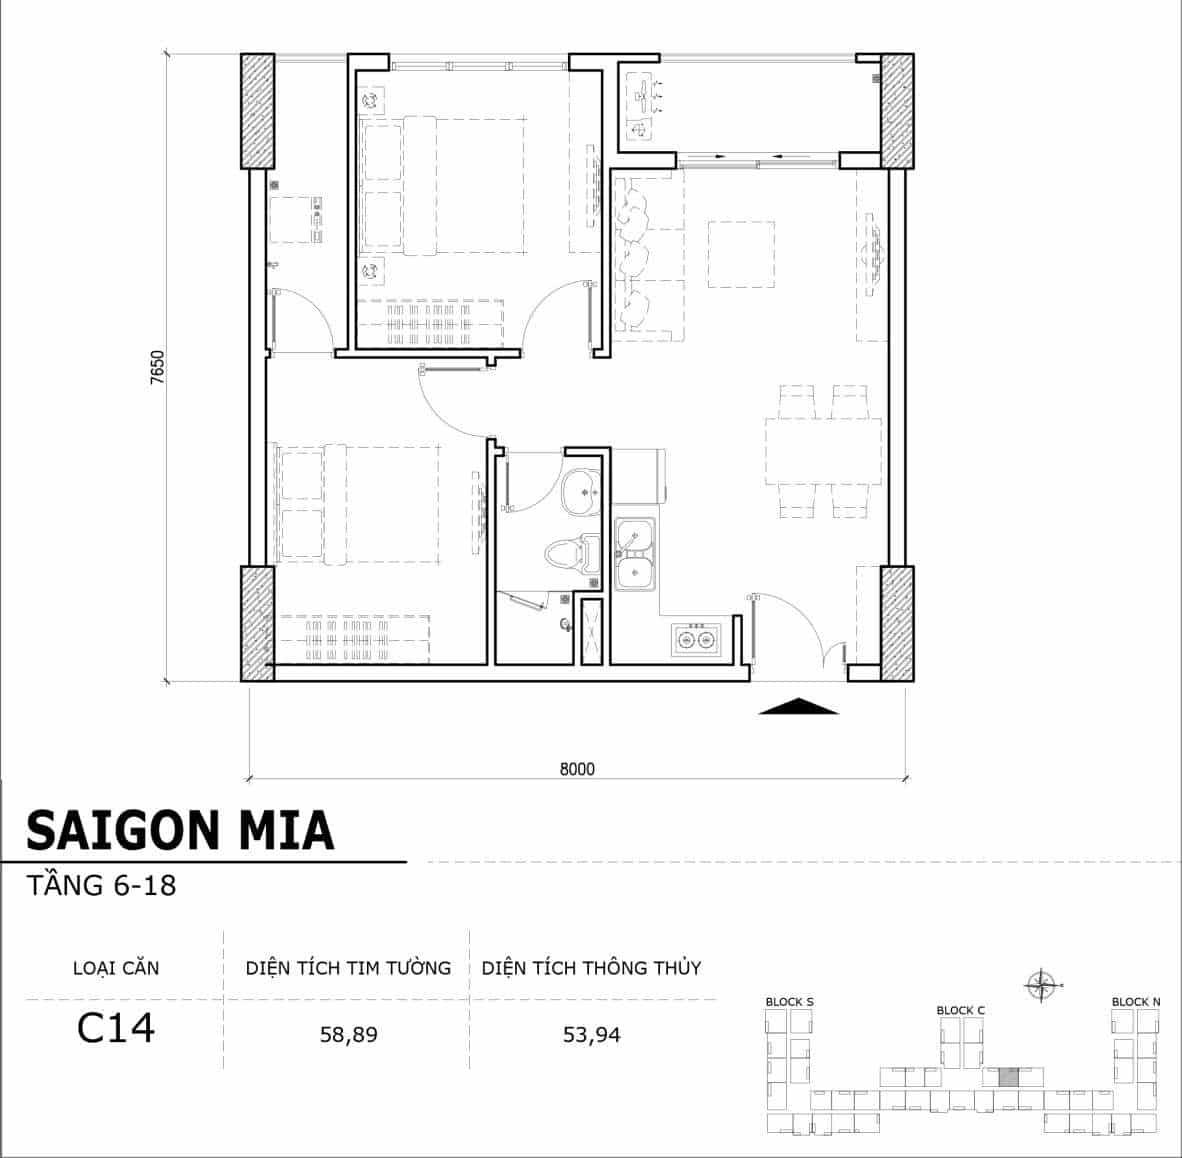 Chi tiết thiết kế căn hộ điển hình tầng 6-18 dự án Sài Gòn Mia - Căn C14